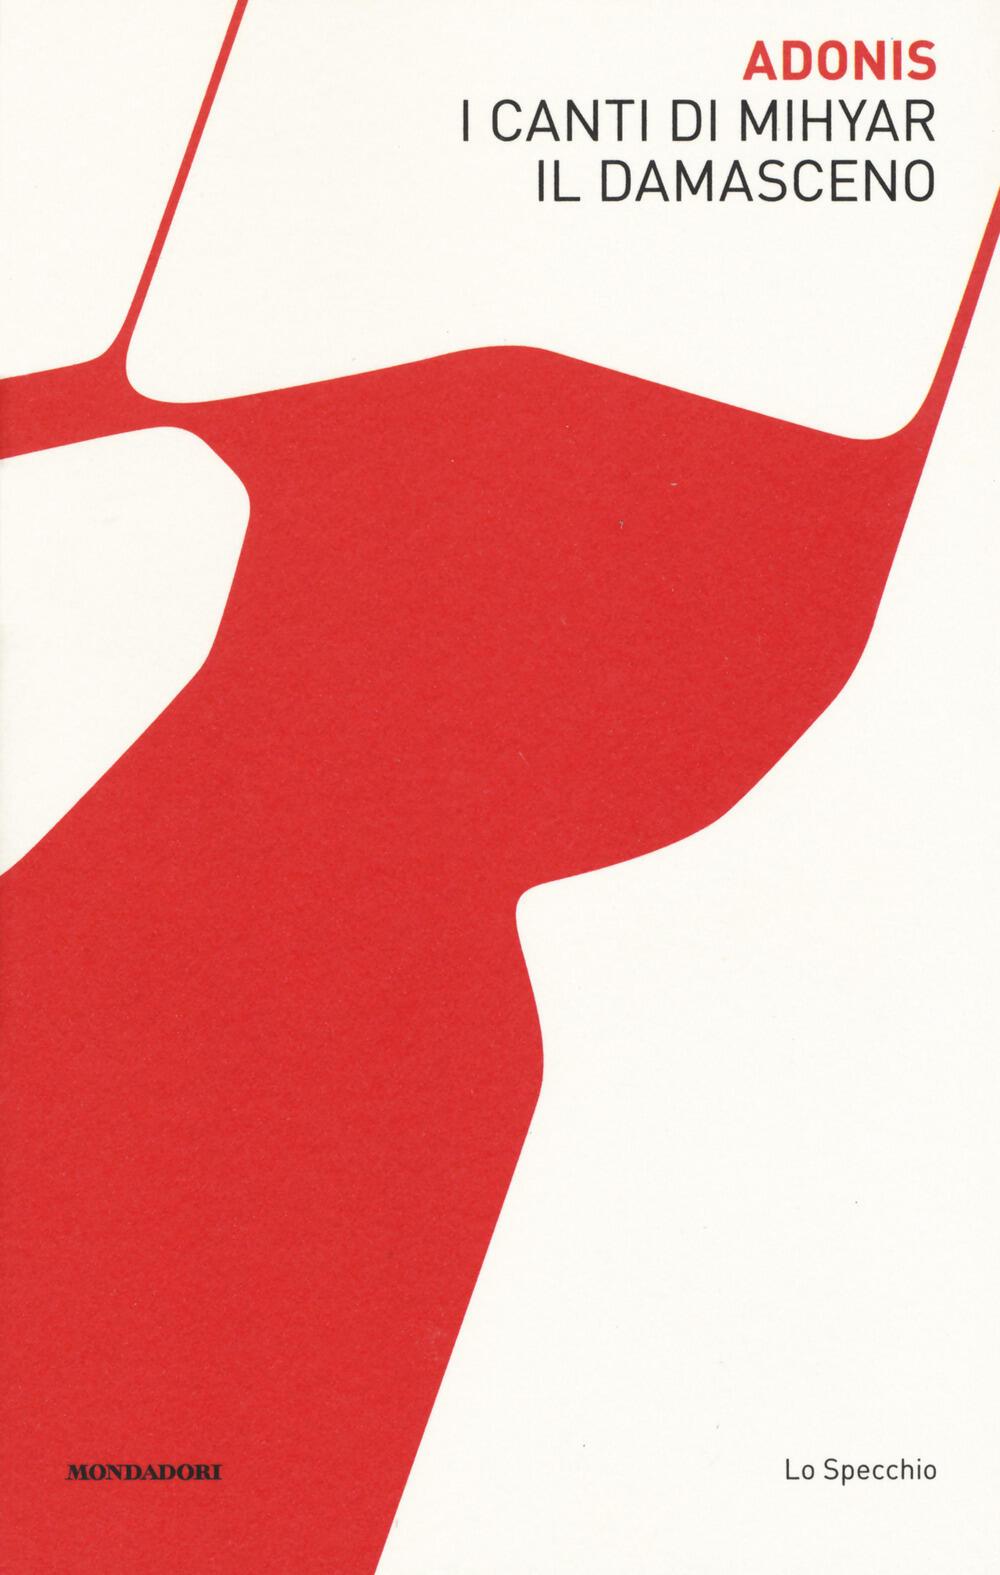 I canti di mihyar il damasceno adonis libro - Poesia lo specchio ...